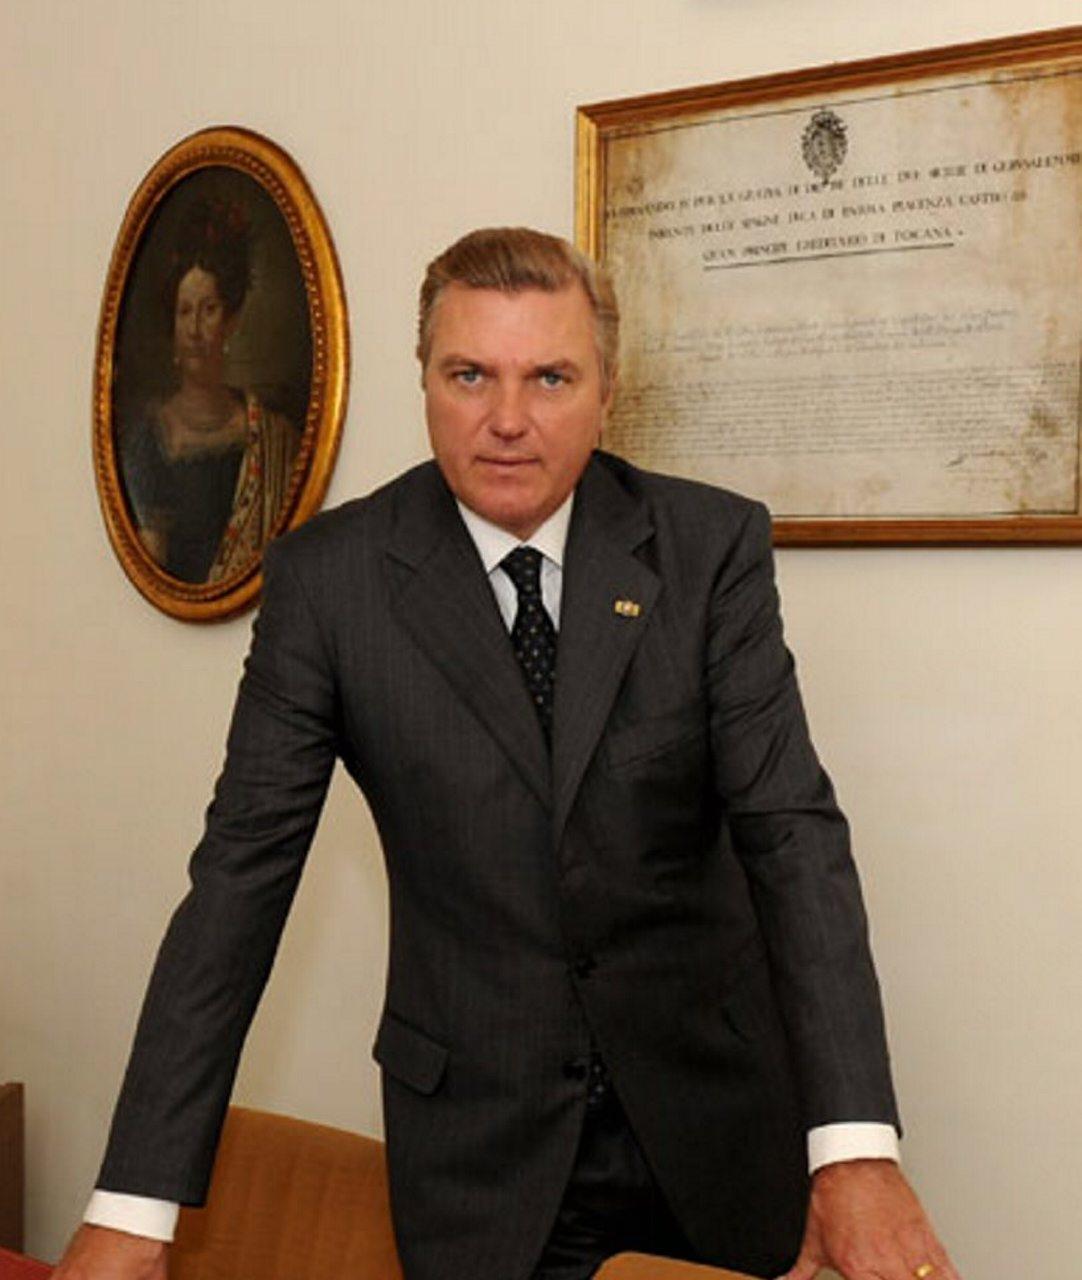 Carlo Principe ufficio#002